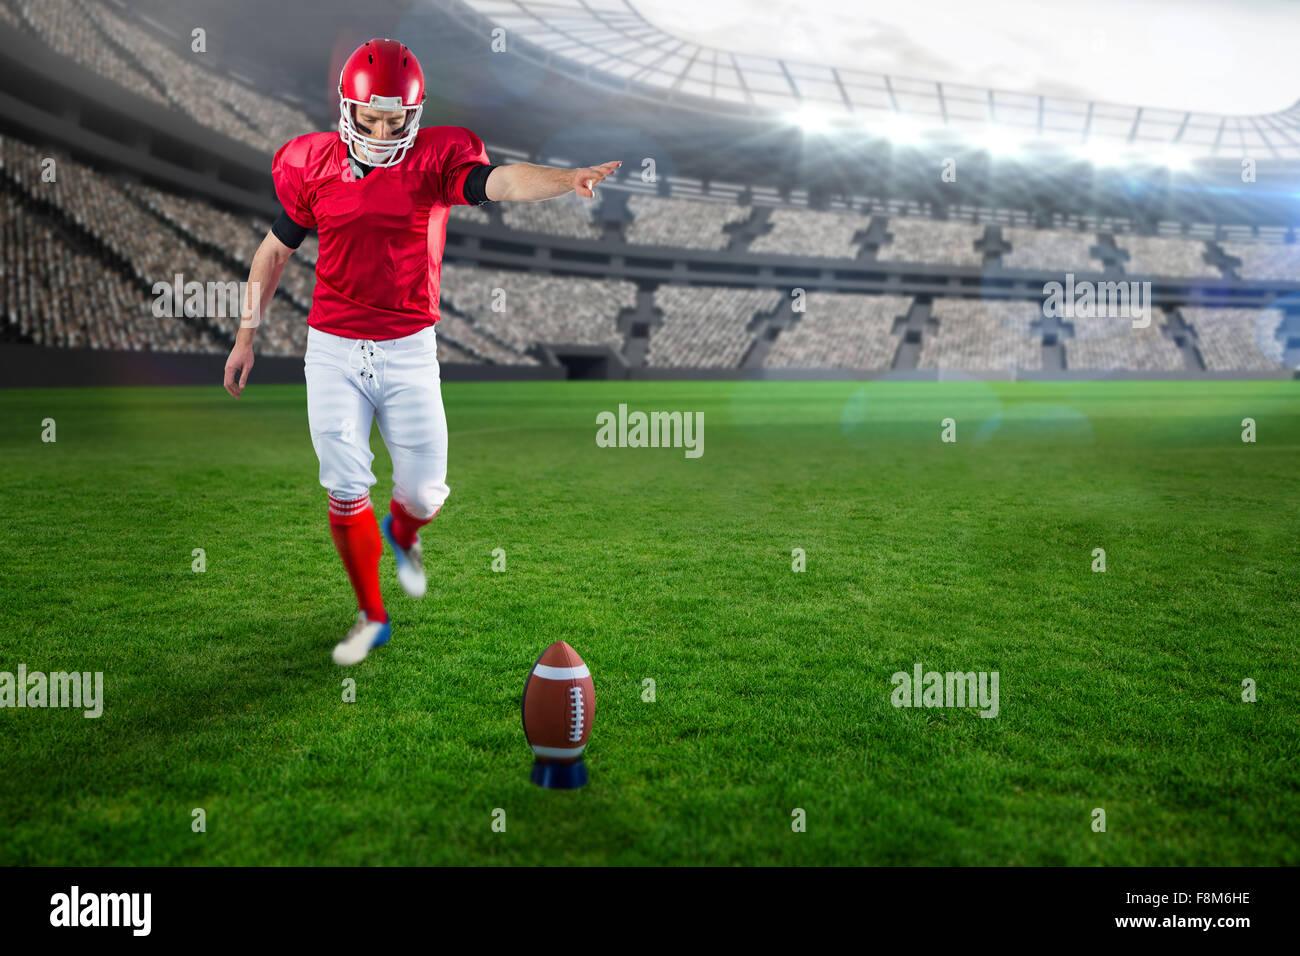 Immagine composita del giocatore di football americano calci calcio Immagini Stock